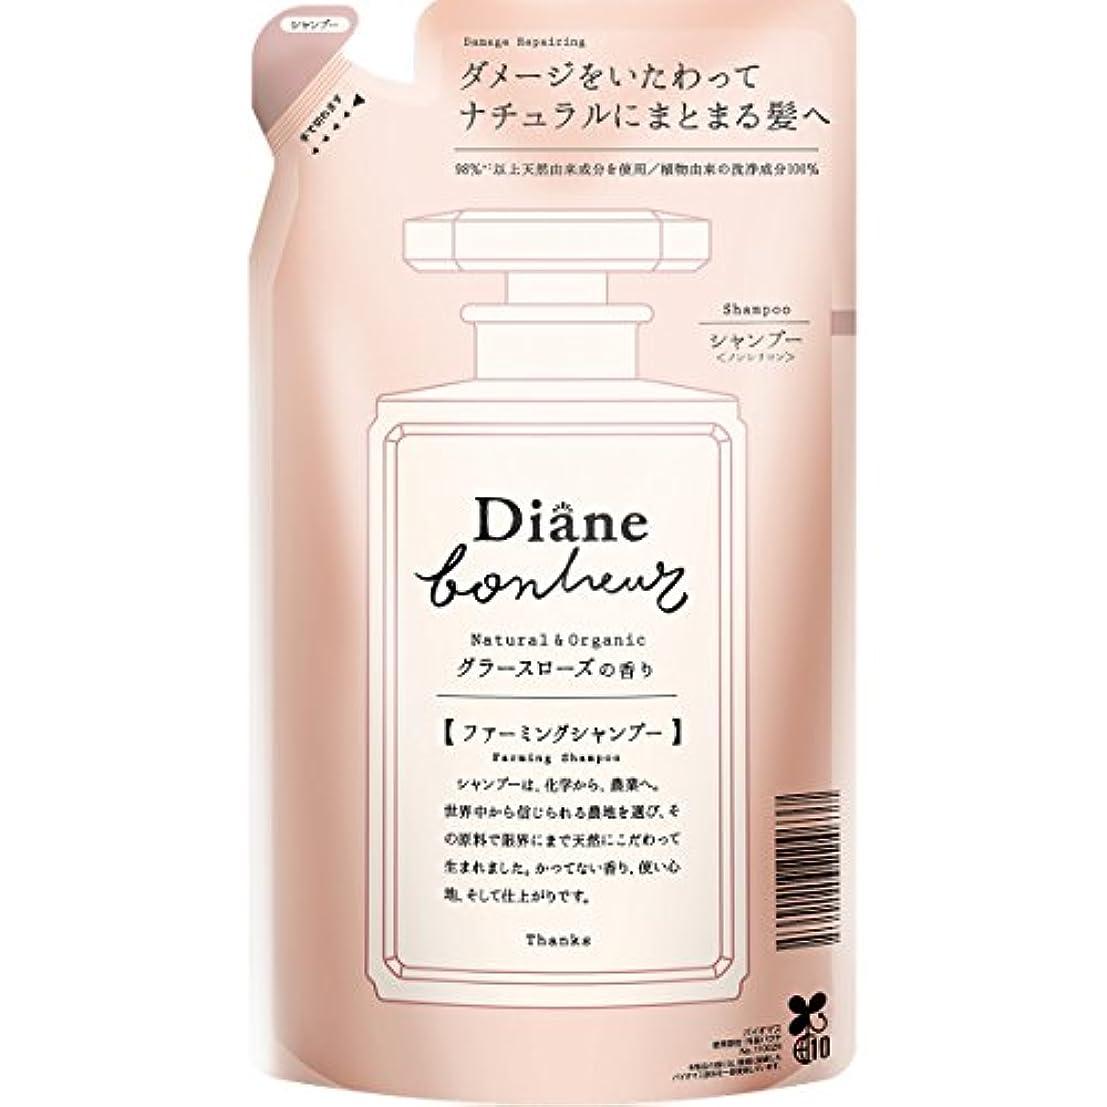 事指かみそりダイアン ボヌール グラースローズの香り ダメージリペア シャンプー 詰め替え 400ml